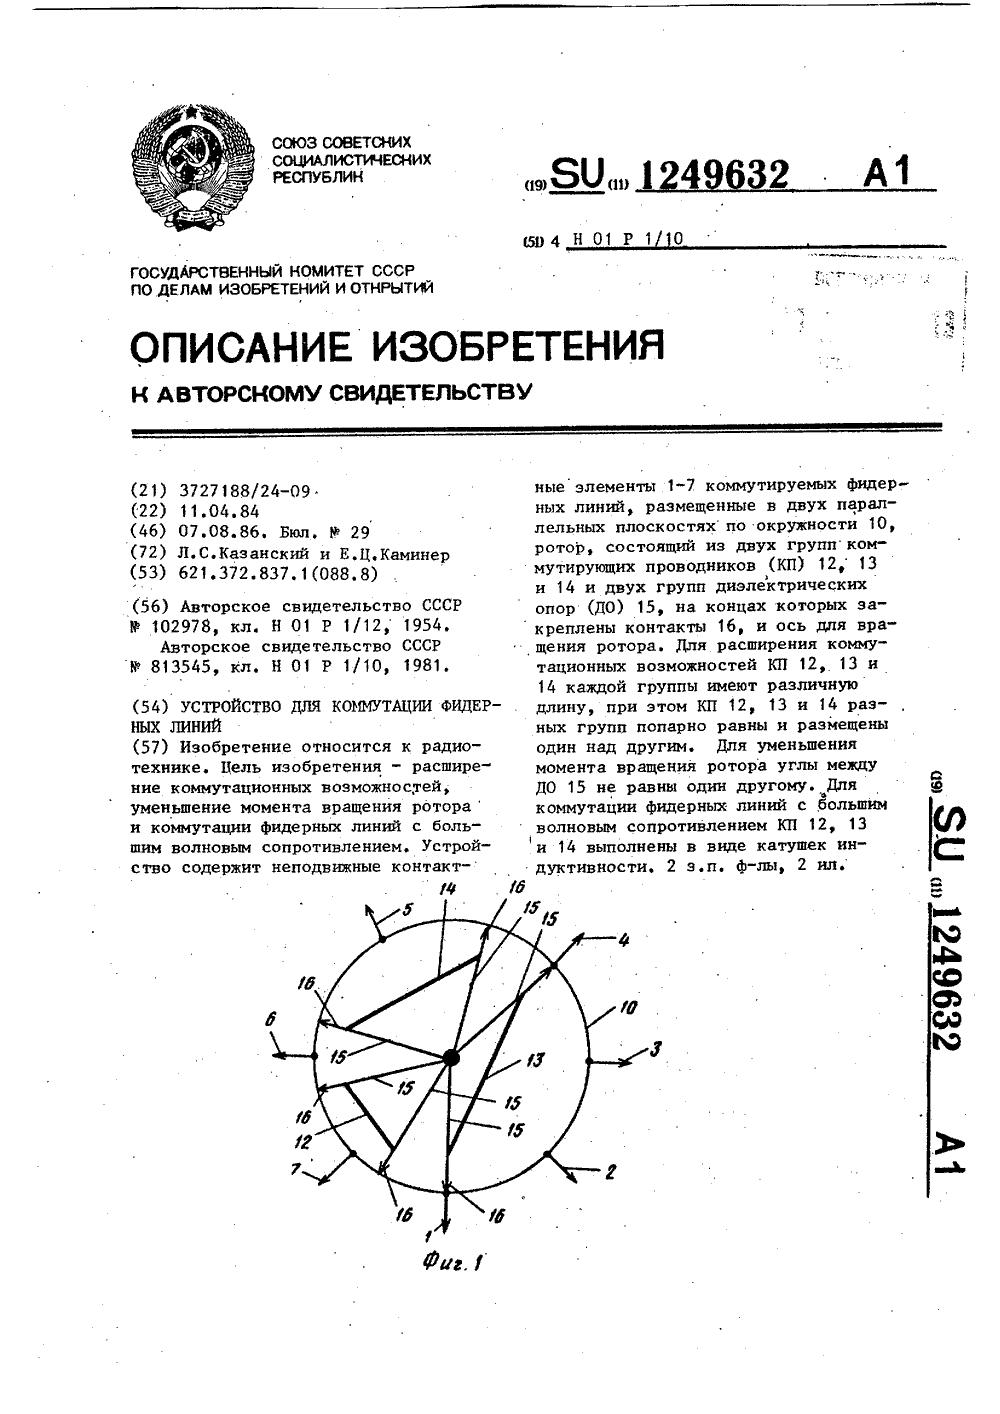 справочник по волновым сопротивлениям фидерных линий